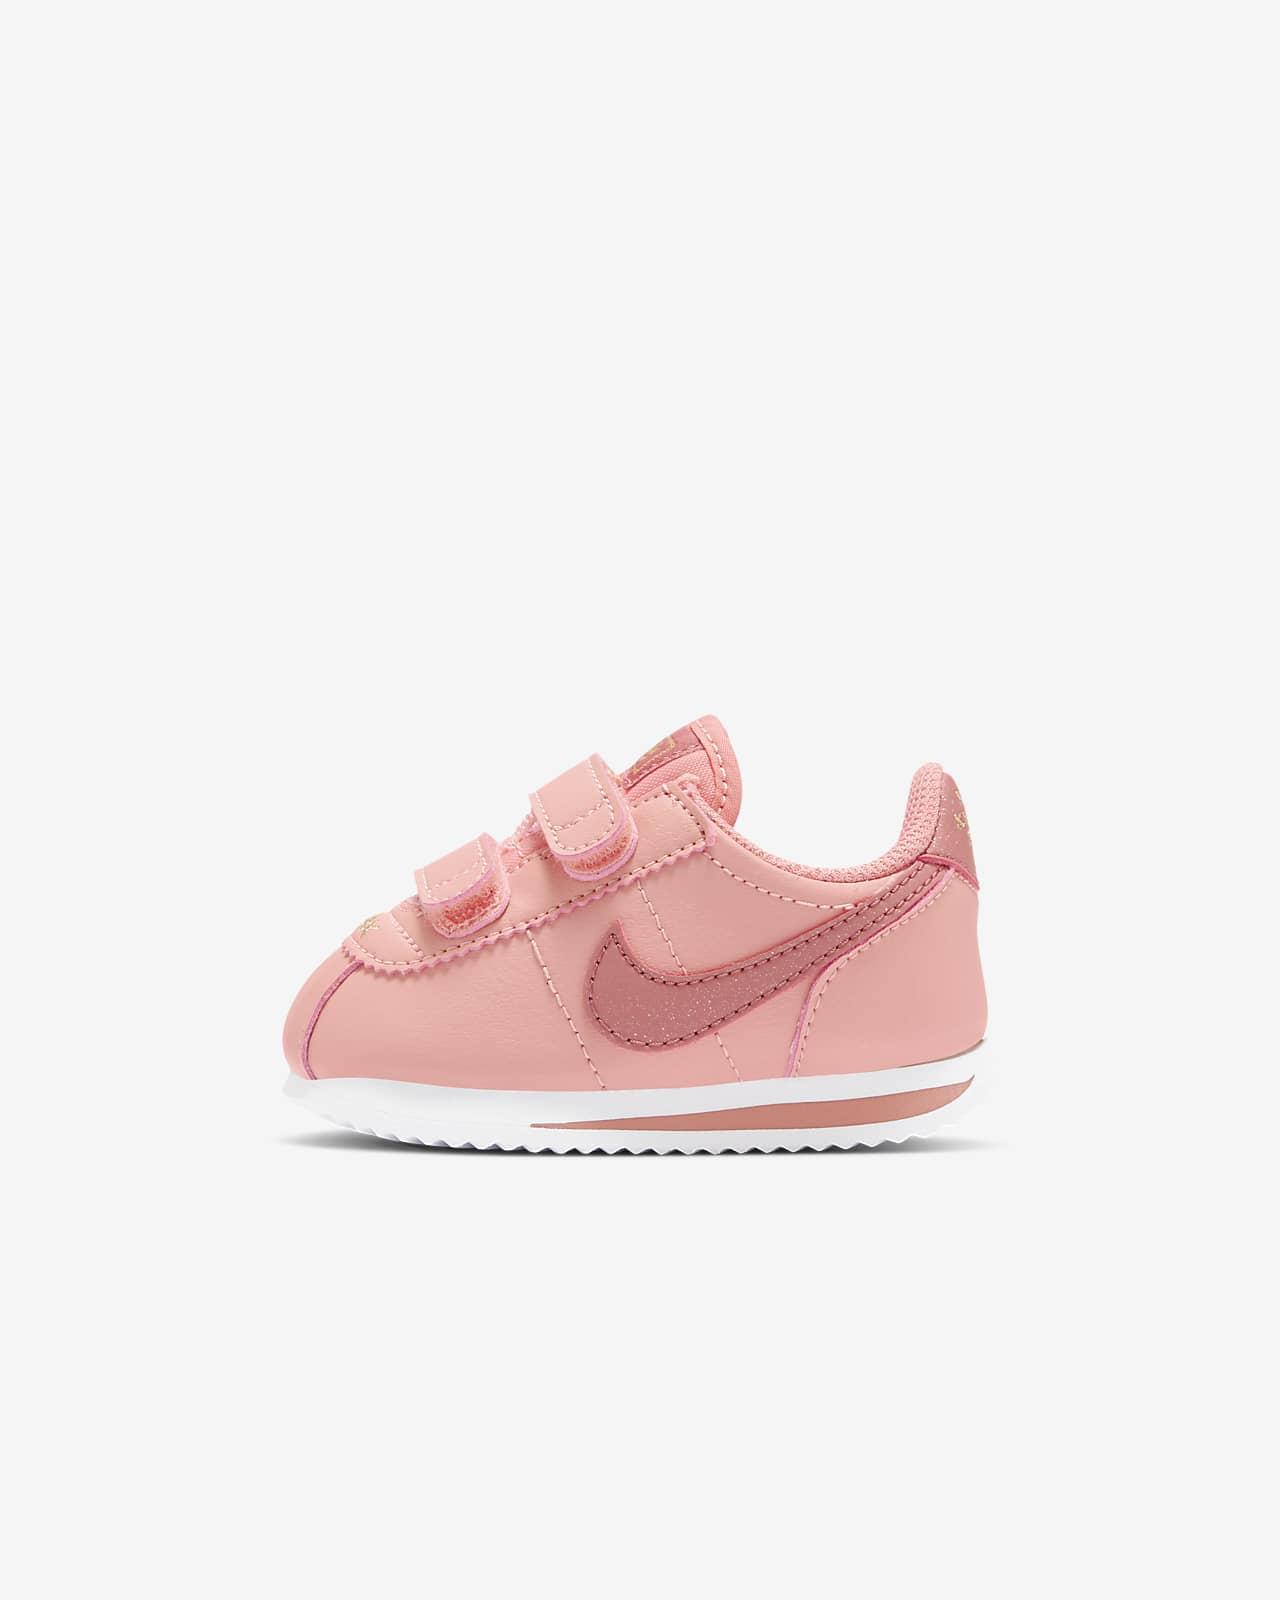 Nike Cortez Basic Valentine's Day Baby